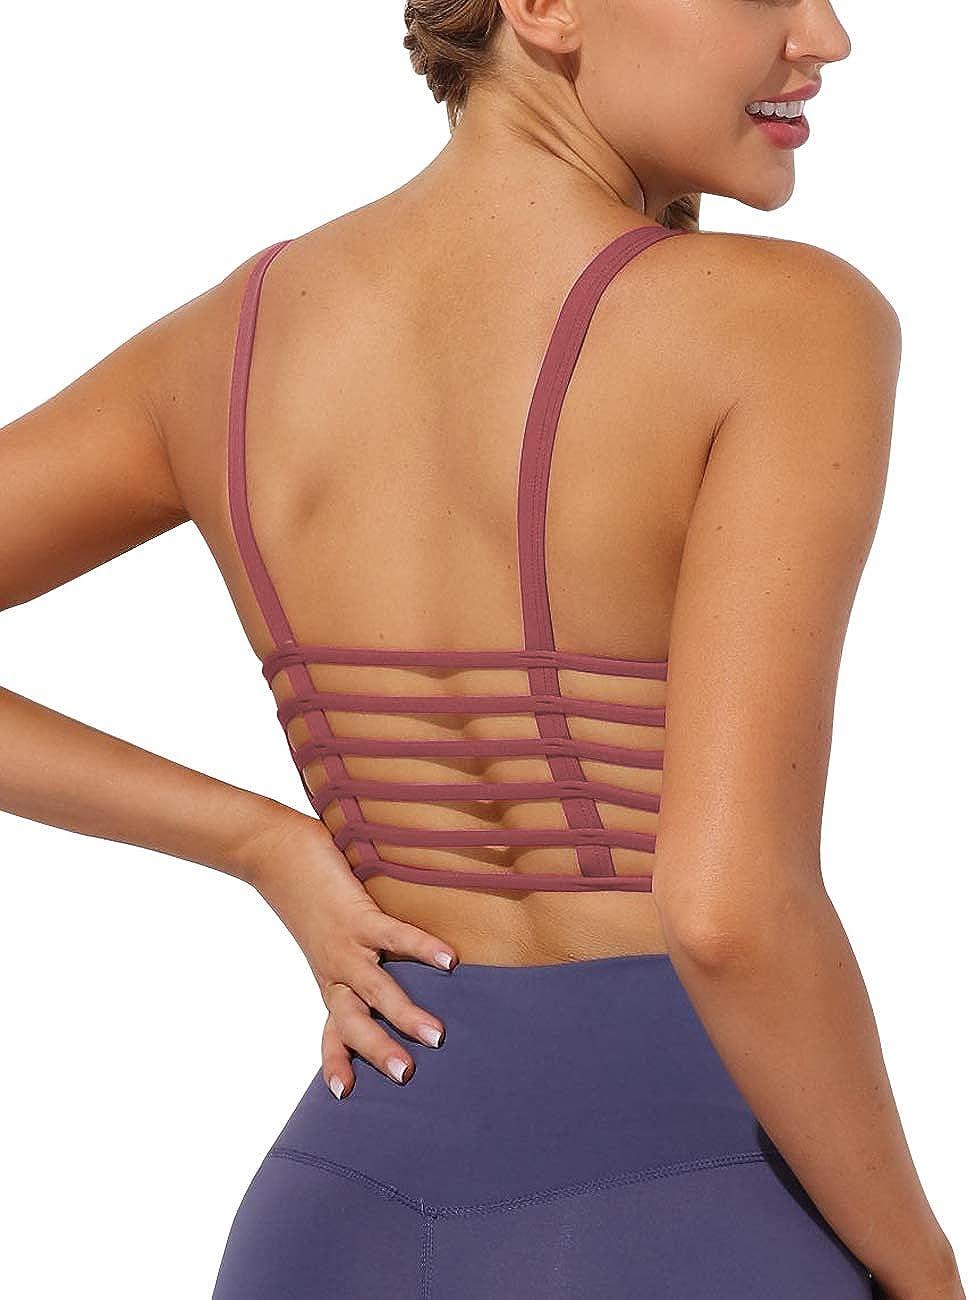 Women Yoga Tops Padded Bra Crop Sportswear Fitness Workout Tank Vest Running